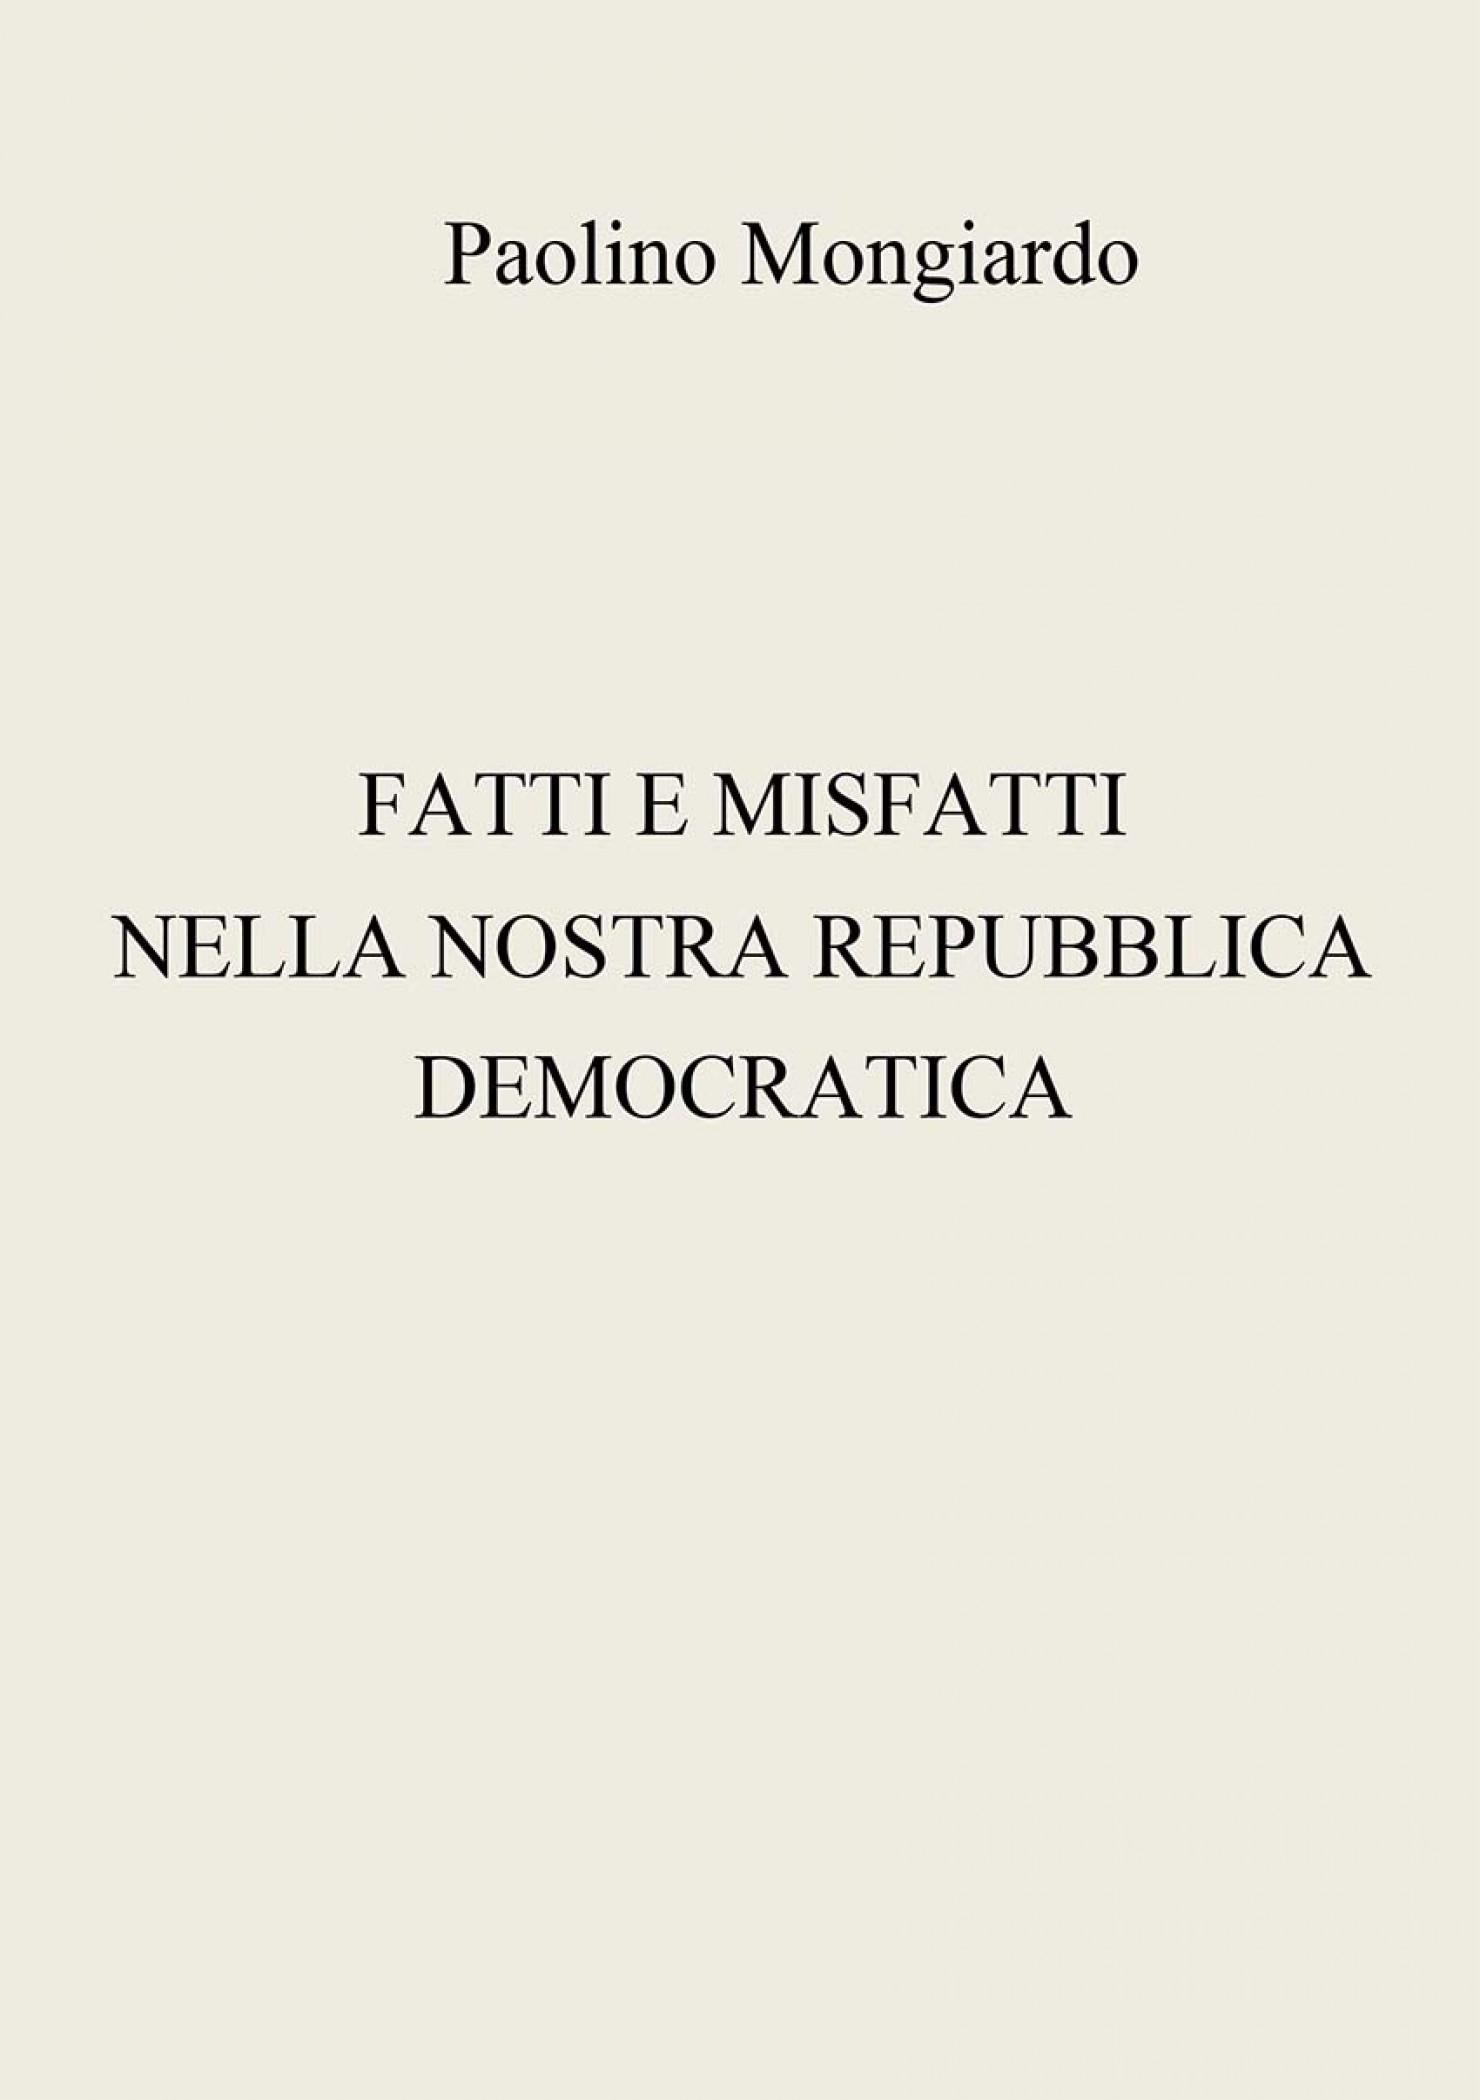 Fatti e misfatti nella nostra repubblica democratica